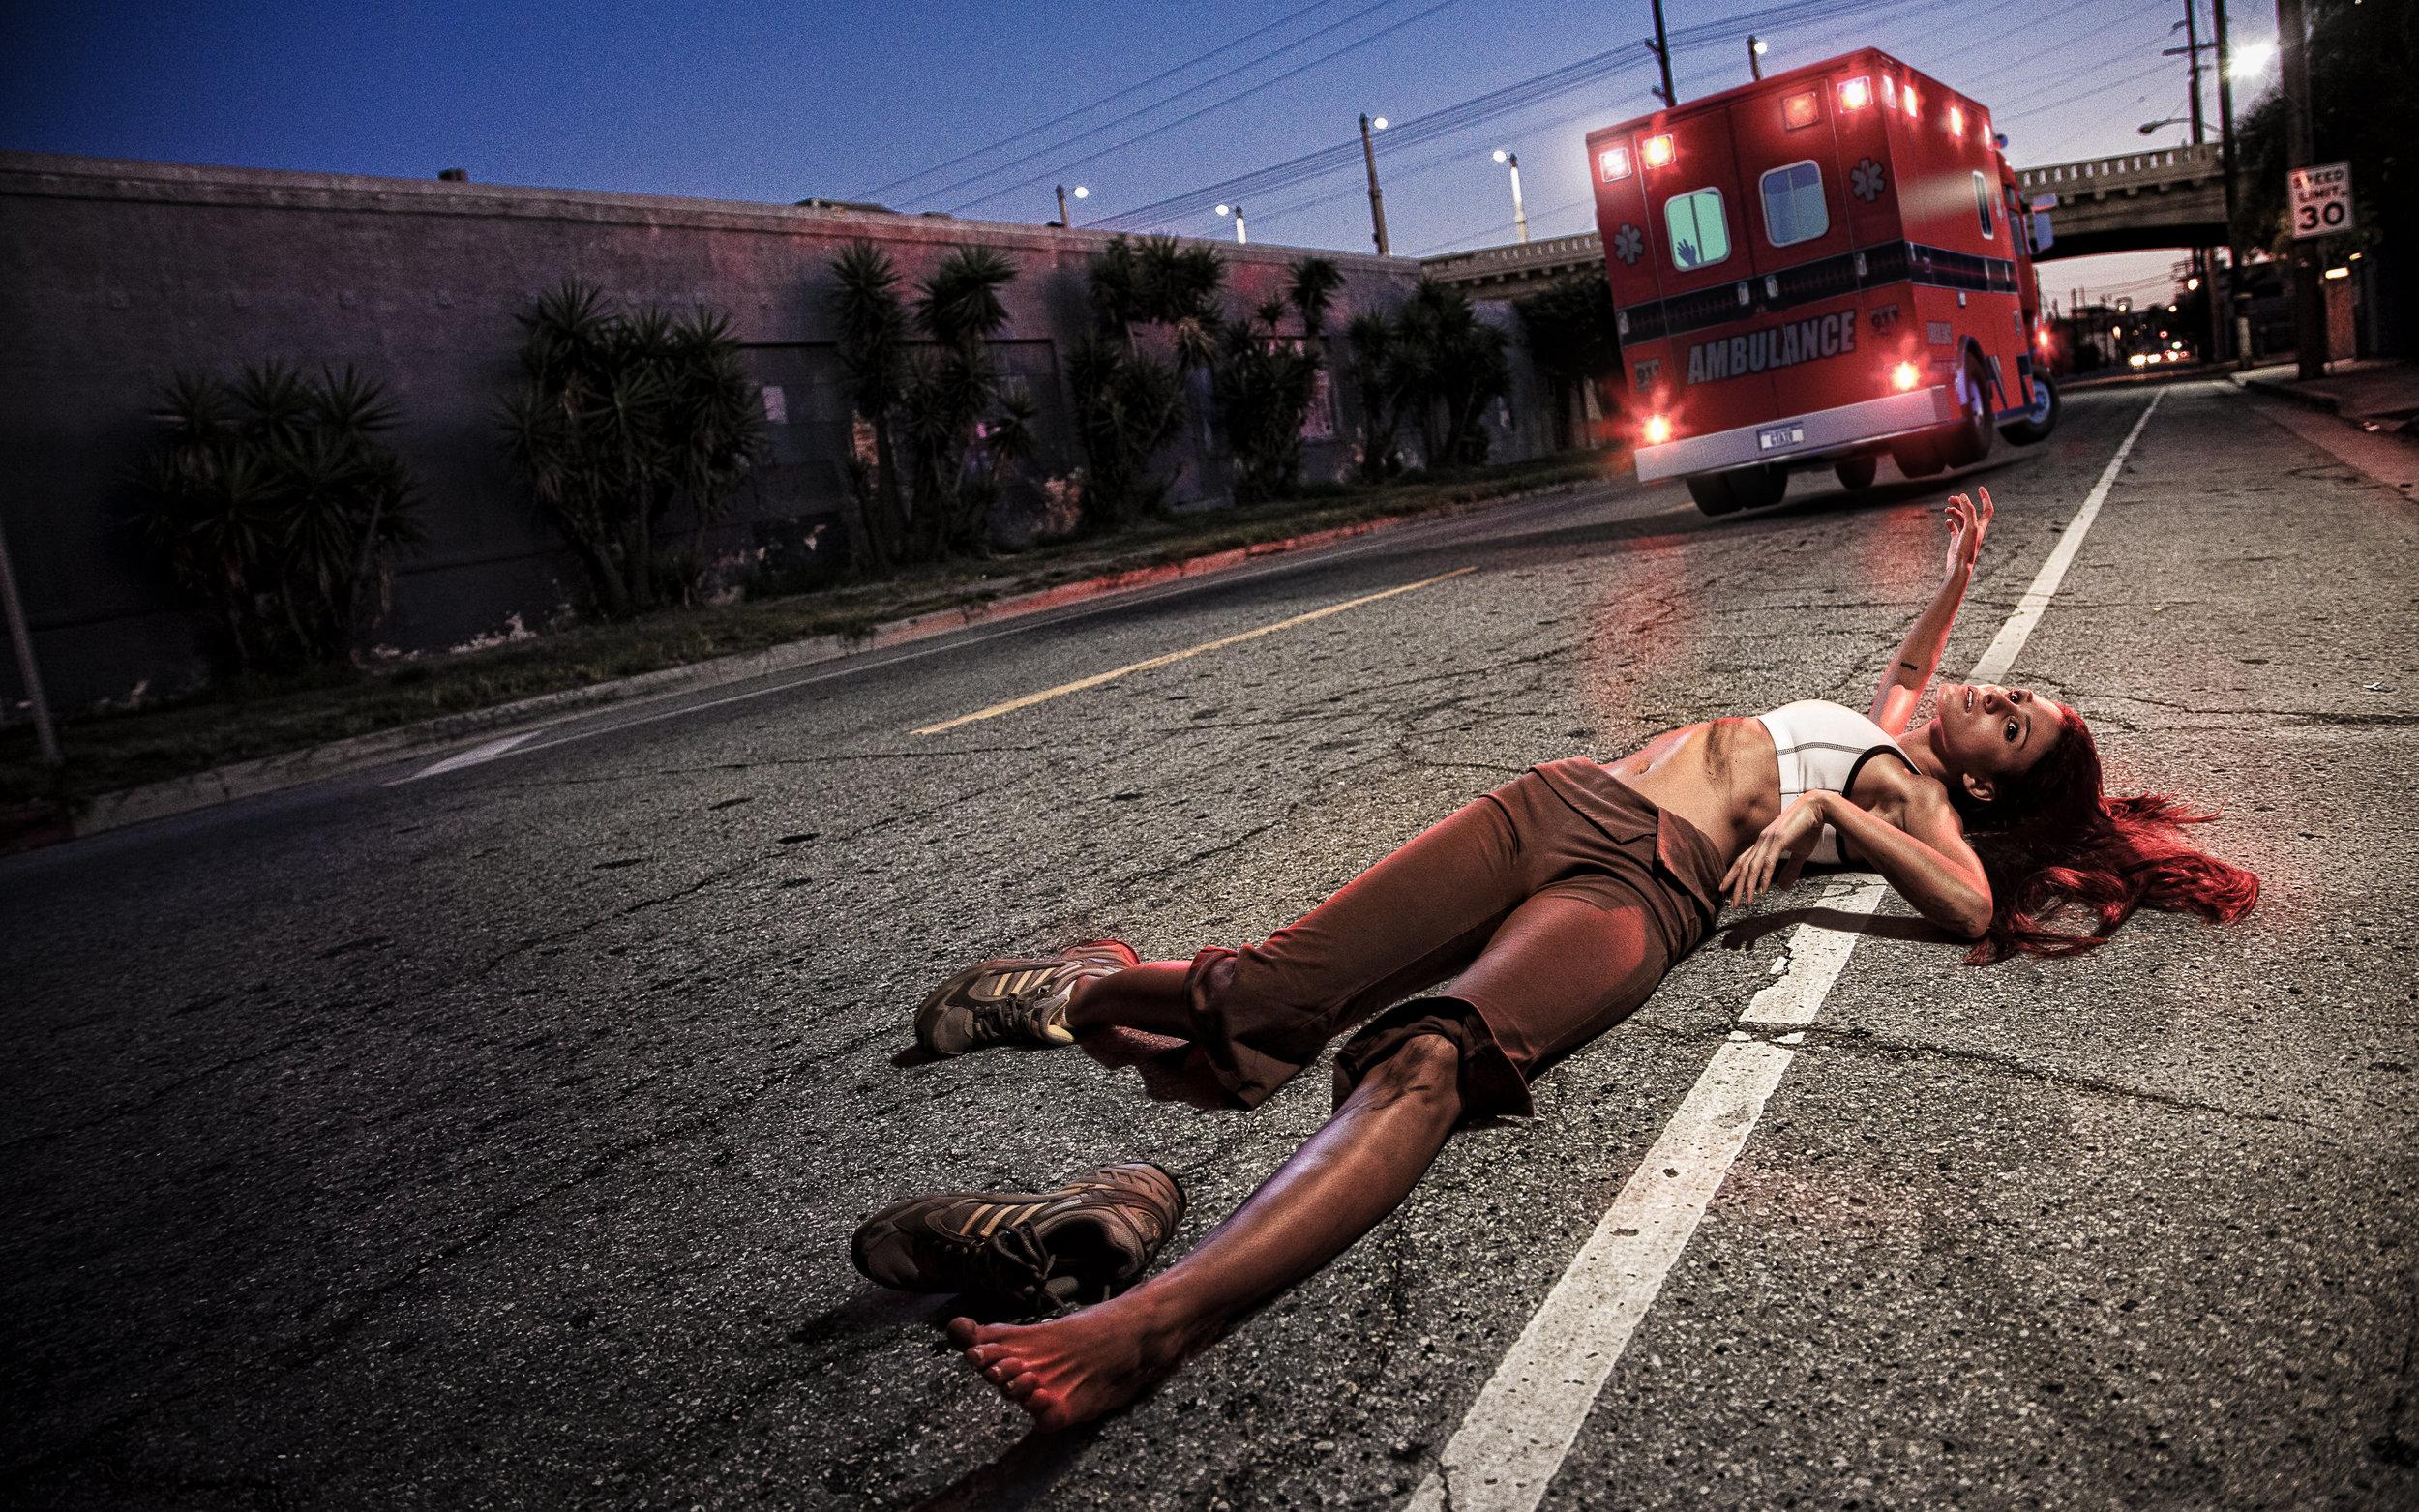 Ironic Death, Hit and Run by Ambulance by Nick Koudis